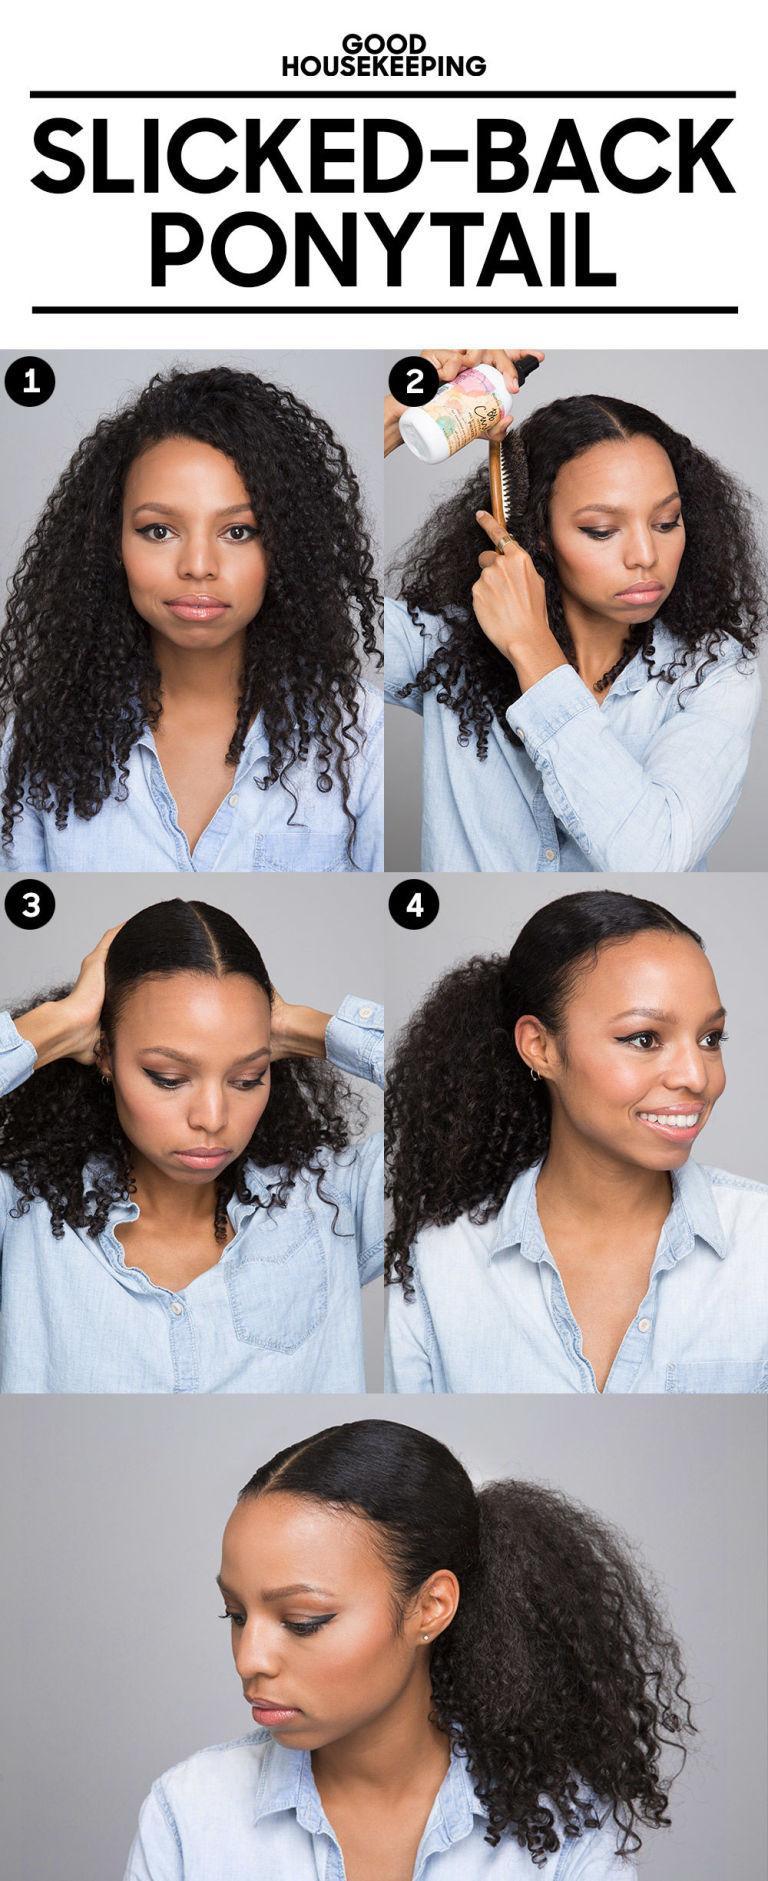 17 πανέξυπνα tips για σγουρά μαλλιά!